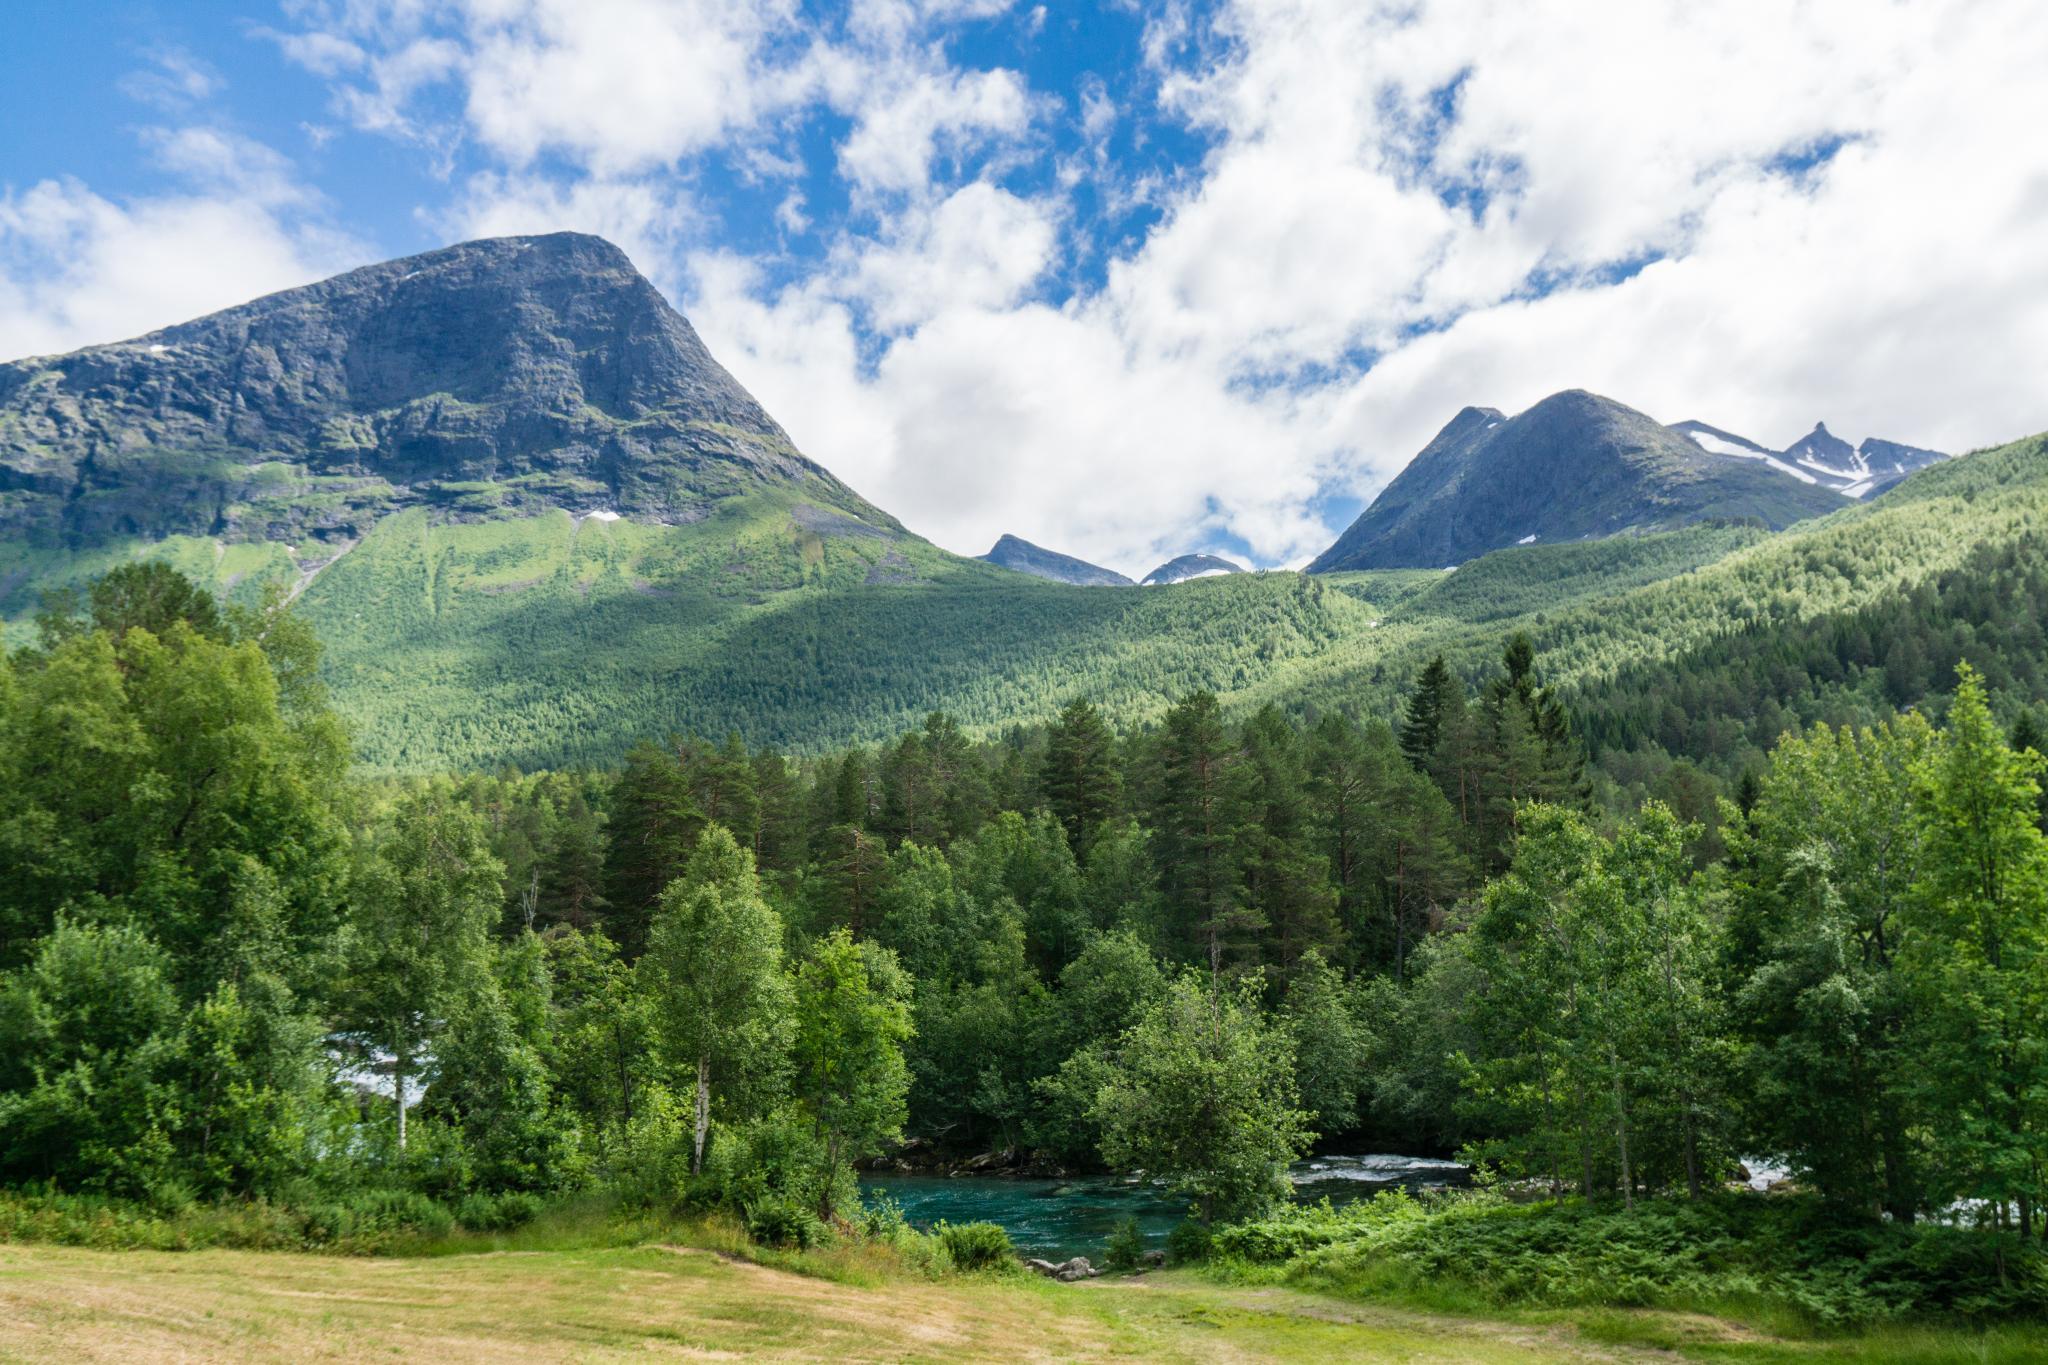 【北歐景點】Trollstigen 精靈之路 ∣ 挪威最驚險的世界級景觀公路 34